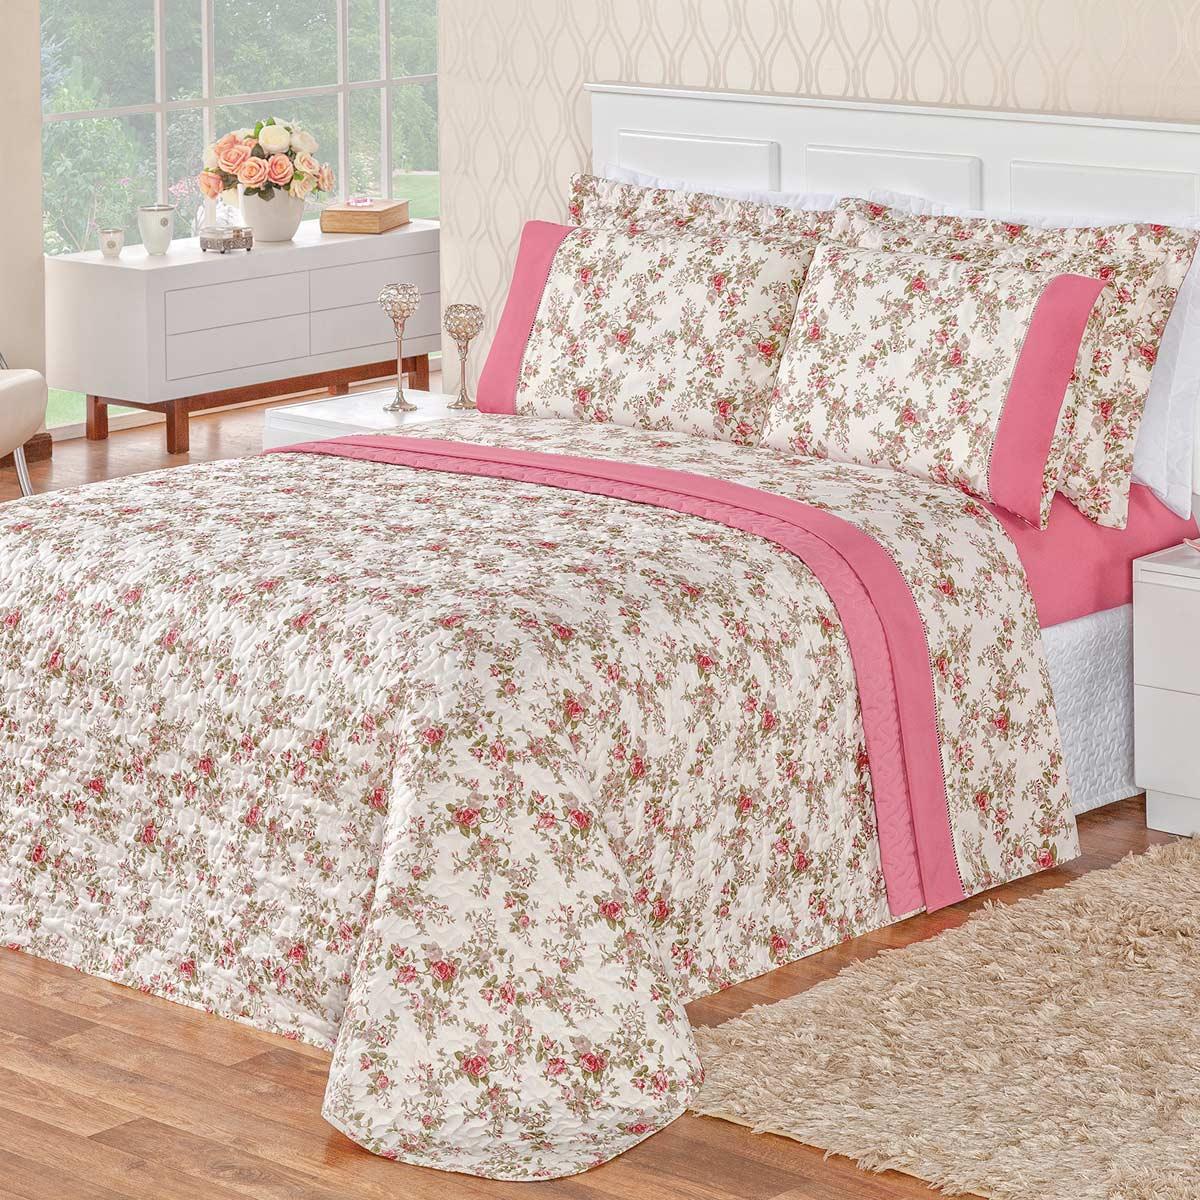 Cobre Leito Naturale Floral Rosa Super King Dupla Face MicroPercal 200 Fios 03 peças